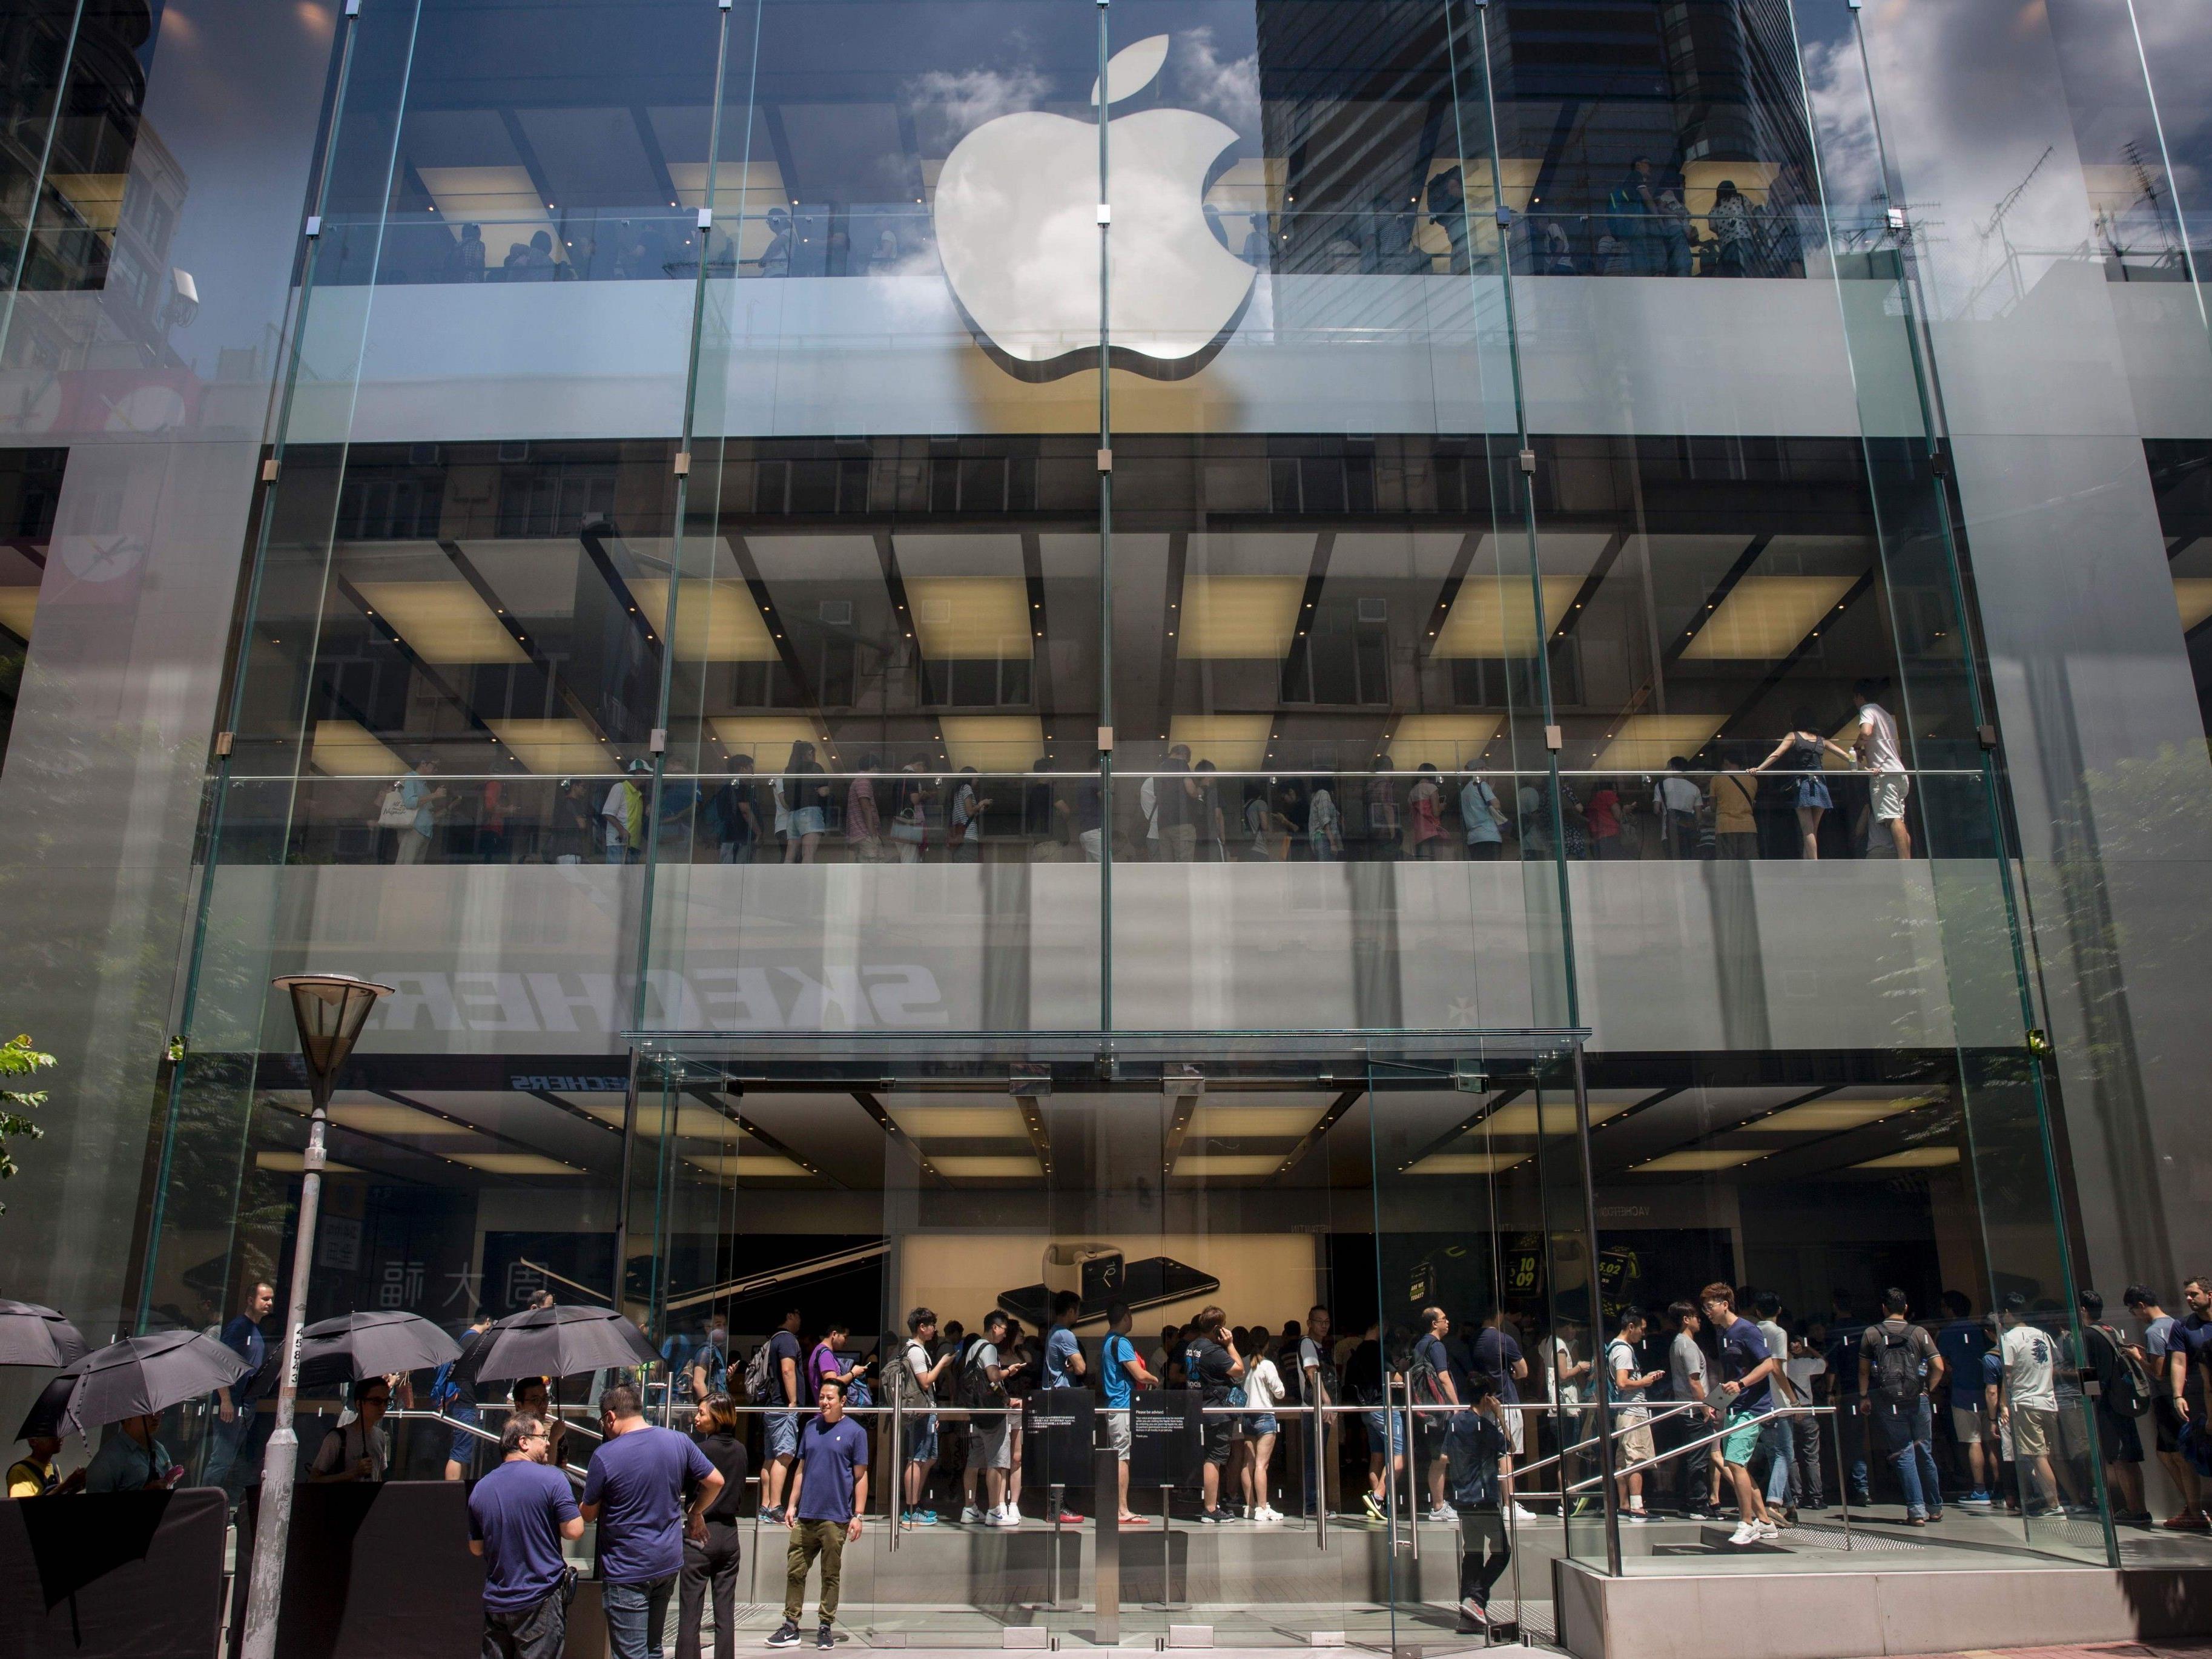 Am Erscheinungsdatum des Iphone 7 standen viele Menschen Schlange beim Apple Store in Hong Kong.